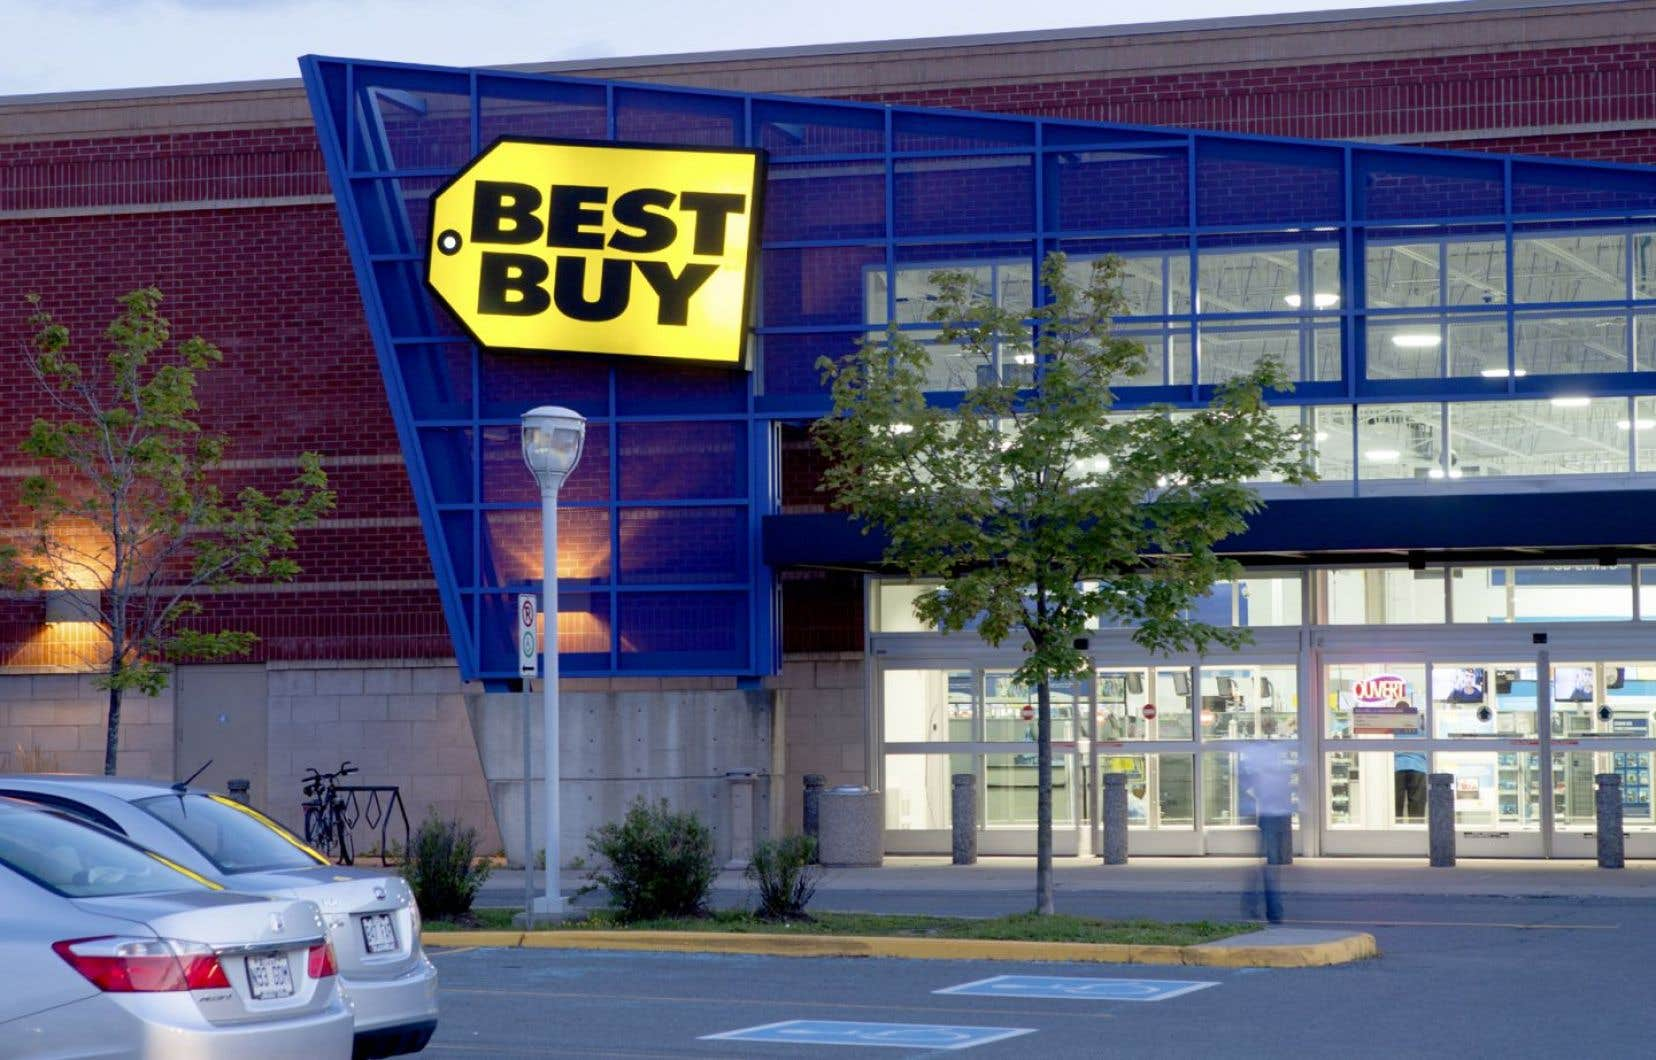 Le projet de règlement pourrait créer deux catégories d'entreprises en matière d'affichage : les multinationales telle Wal-Mart, et les petites entreprises.